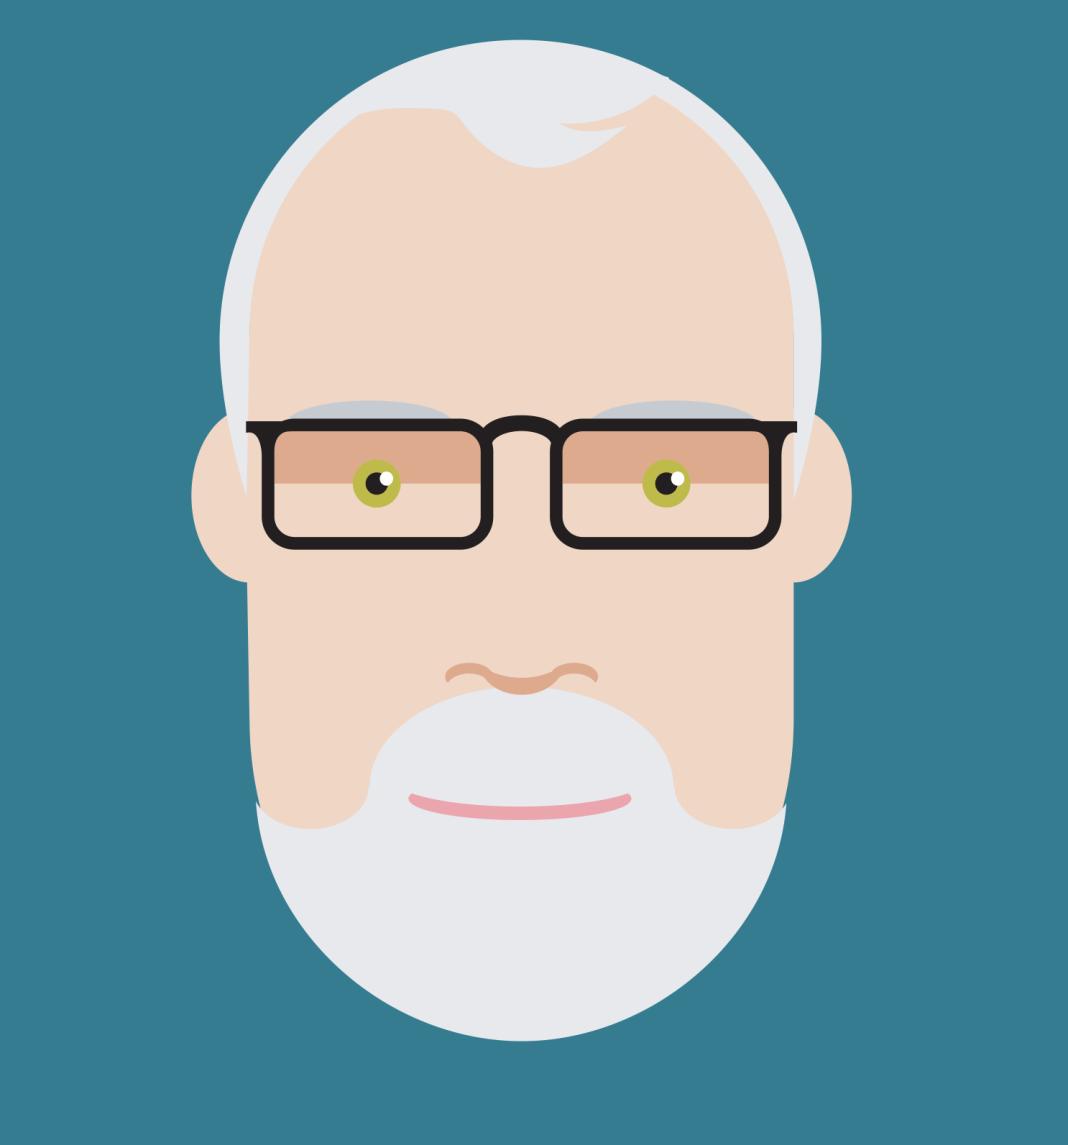 WordPress Developer and Illustrator Bob Keller